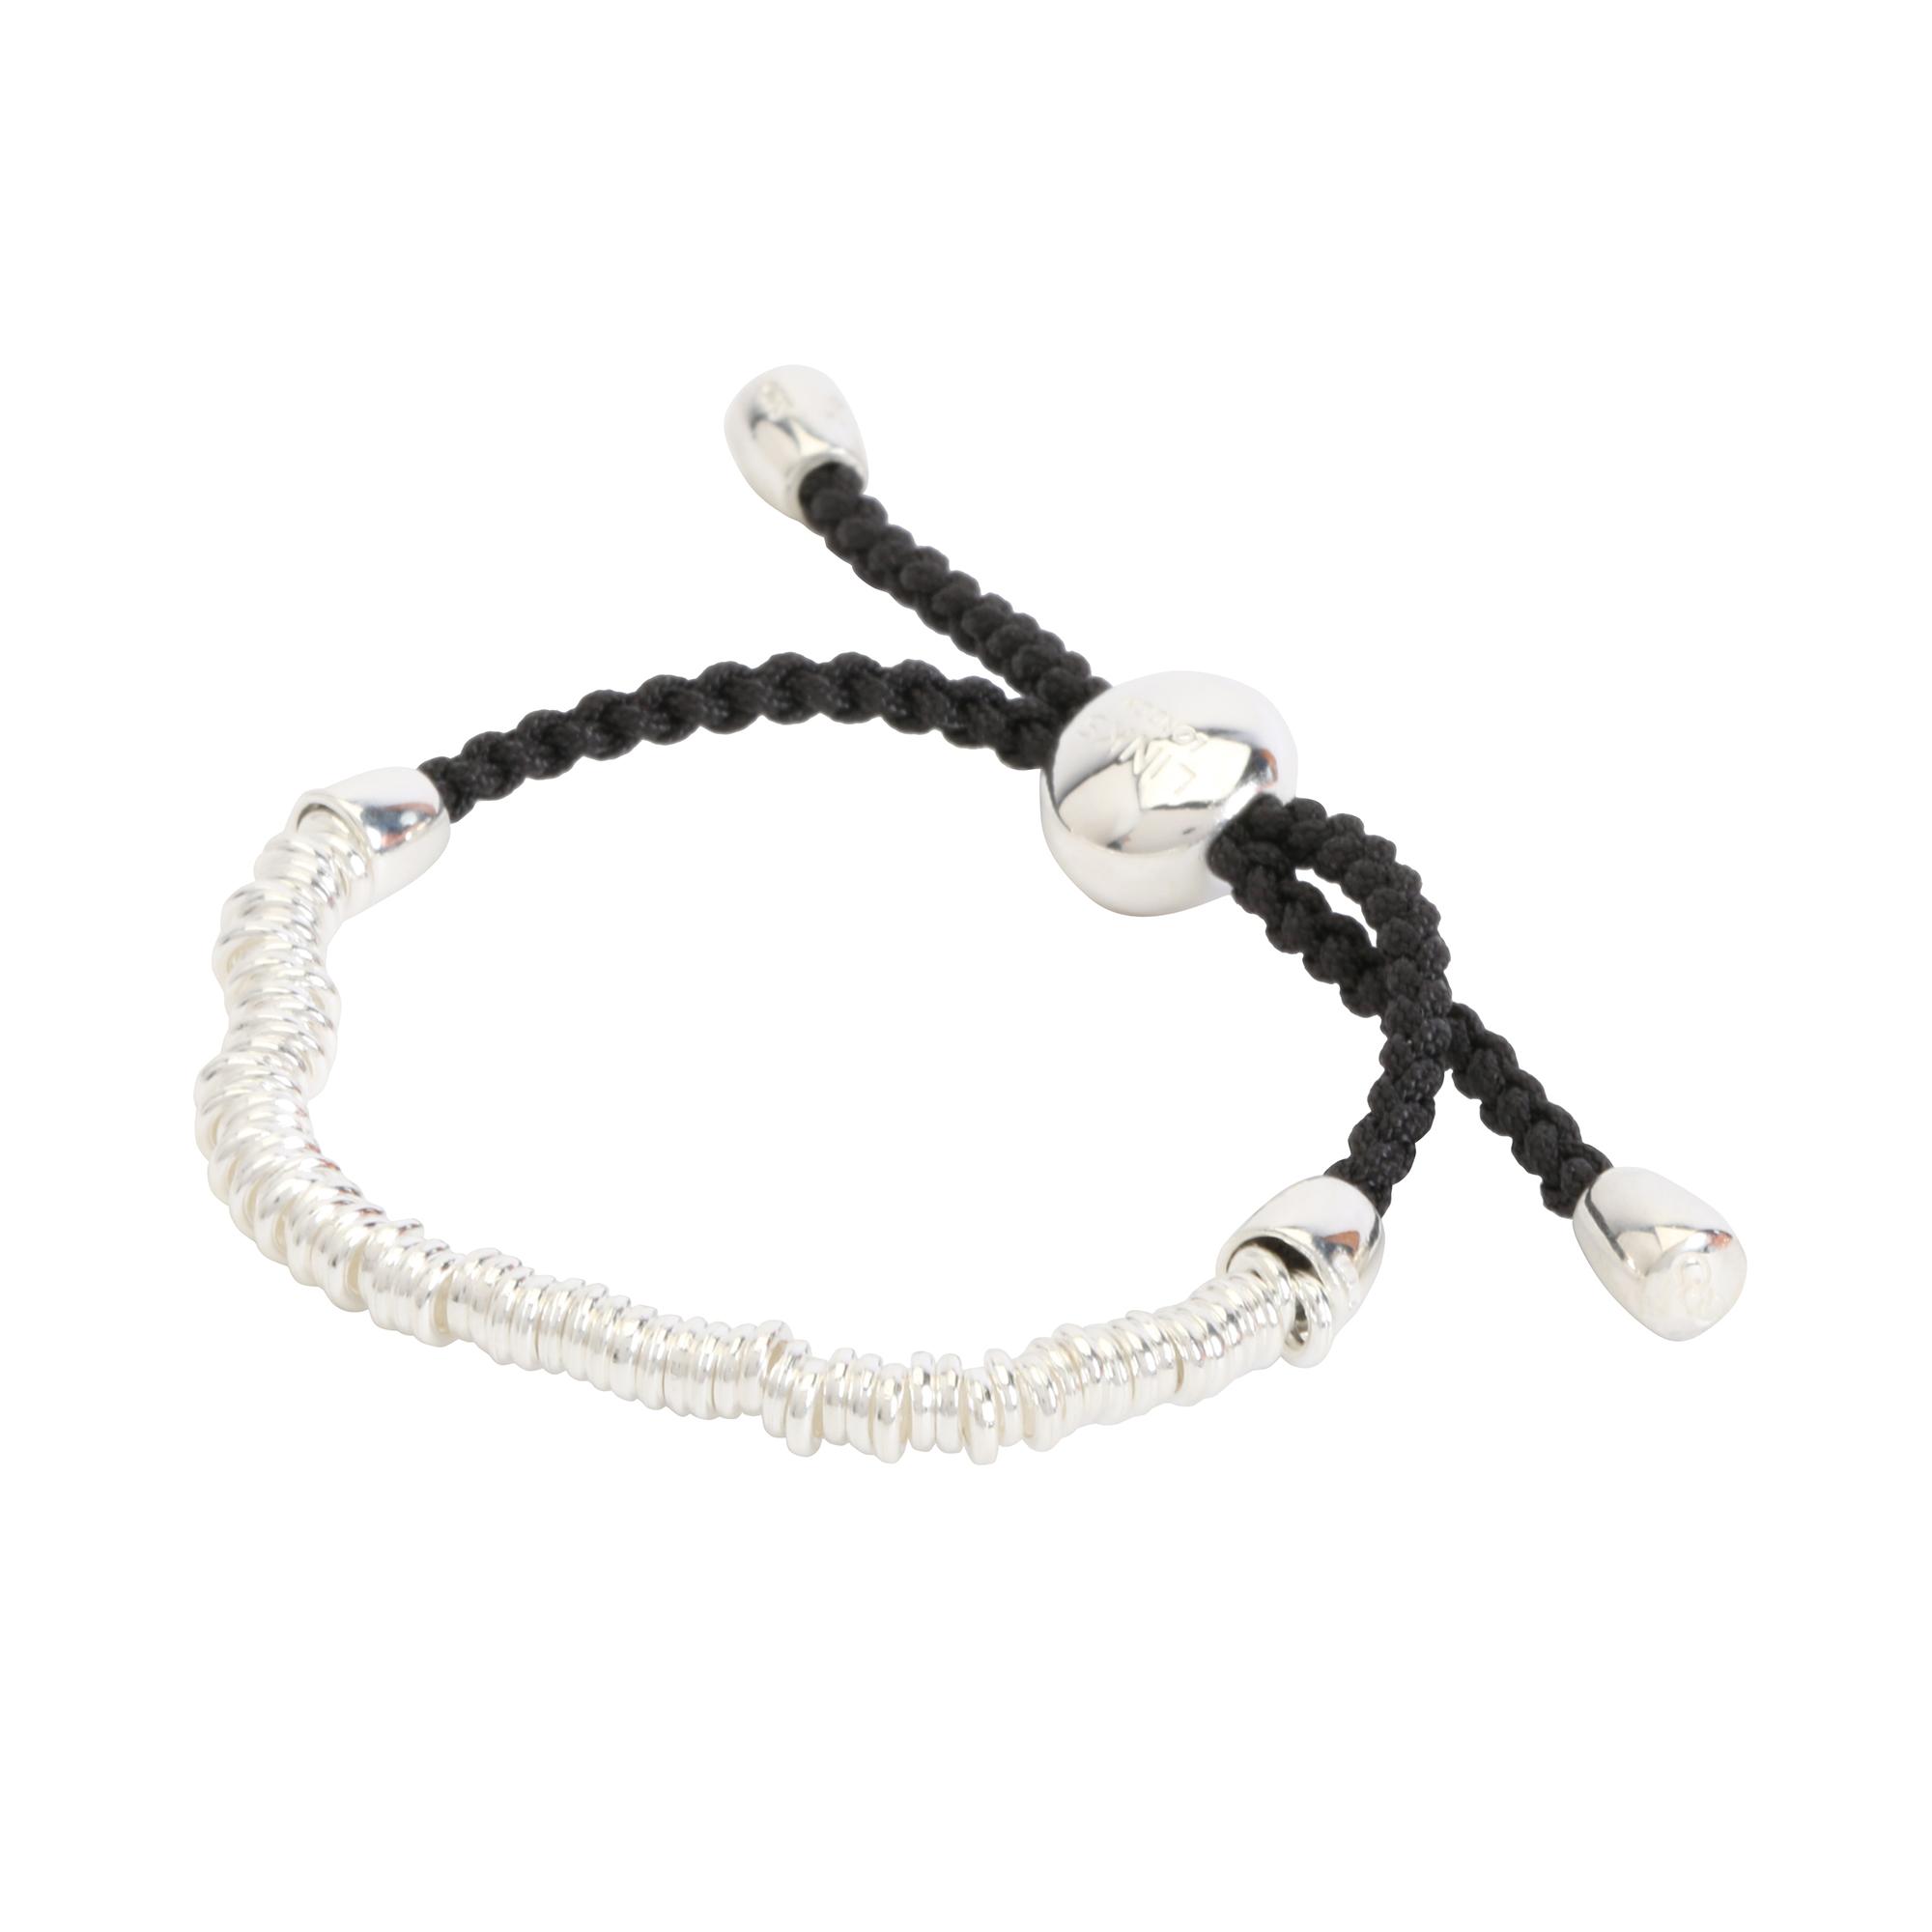 707a505b1 ... uk links of london womens sterling silver sweetie black friendship  bracelet 24c2d 713ba